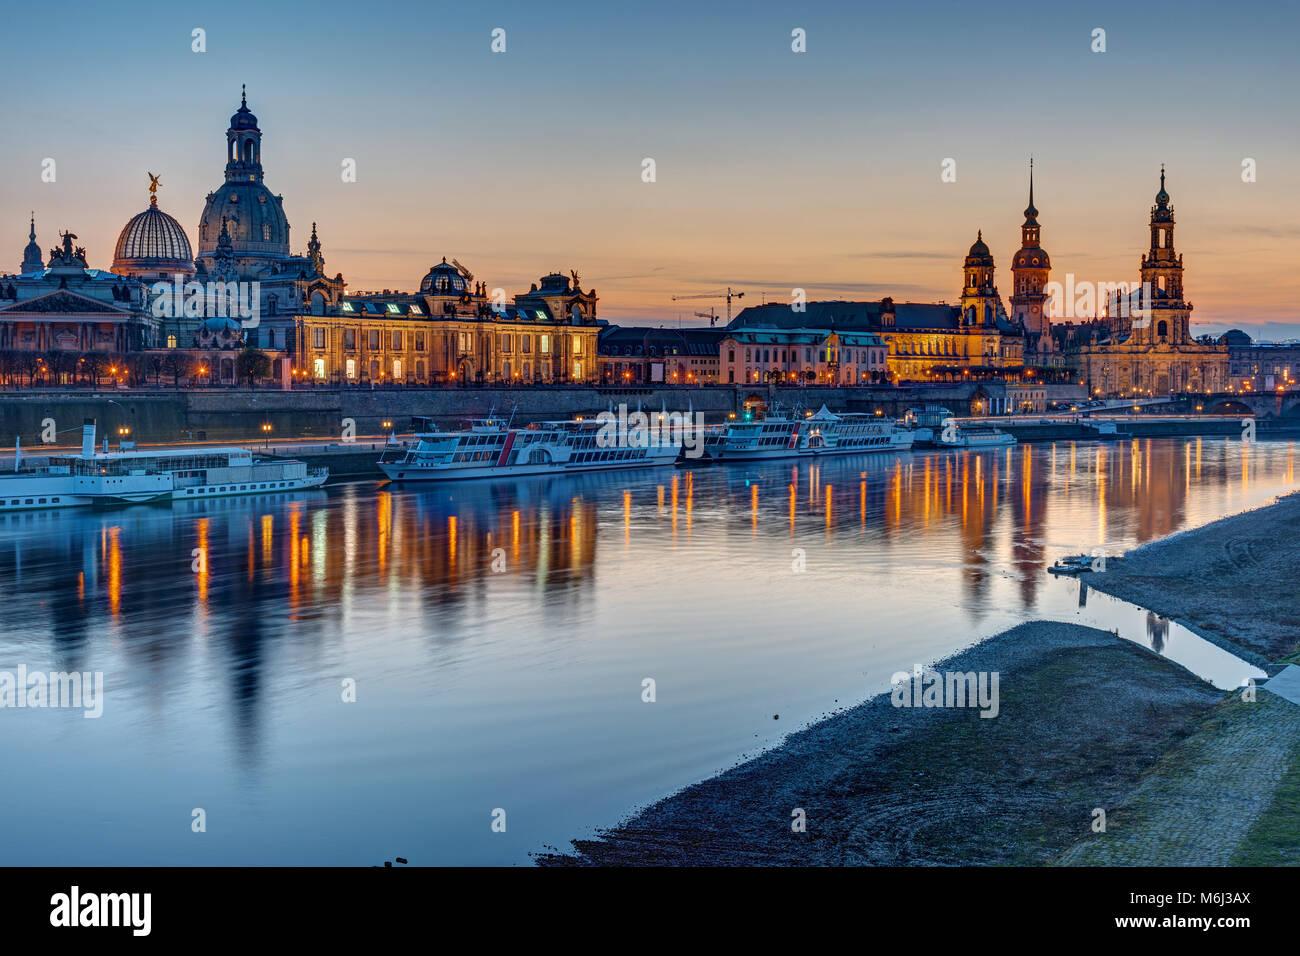 La città vecchia di Dresda con il fiume Elba dopo il tramonto Immagini Stock